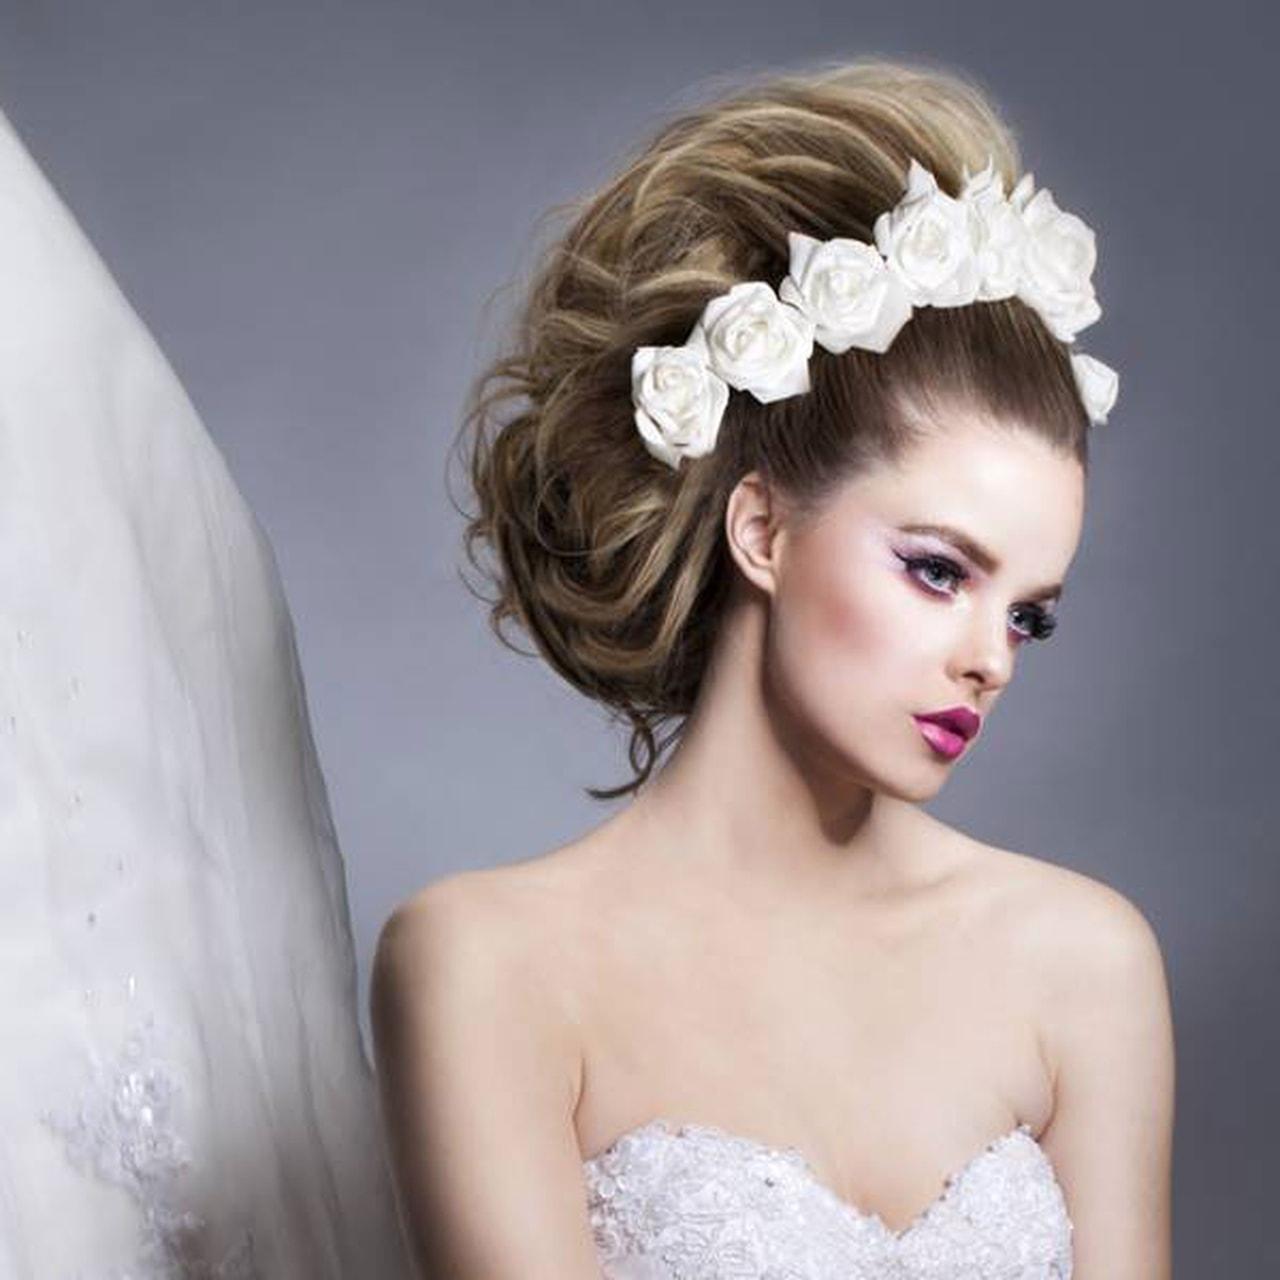 بالصور صور تسريحات عرايس مع تاج صور تاج للعروسة , احدث صيحات الشعر ليوم الزفاف 68 1